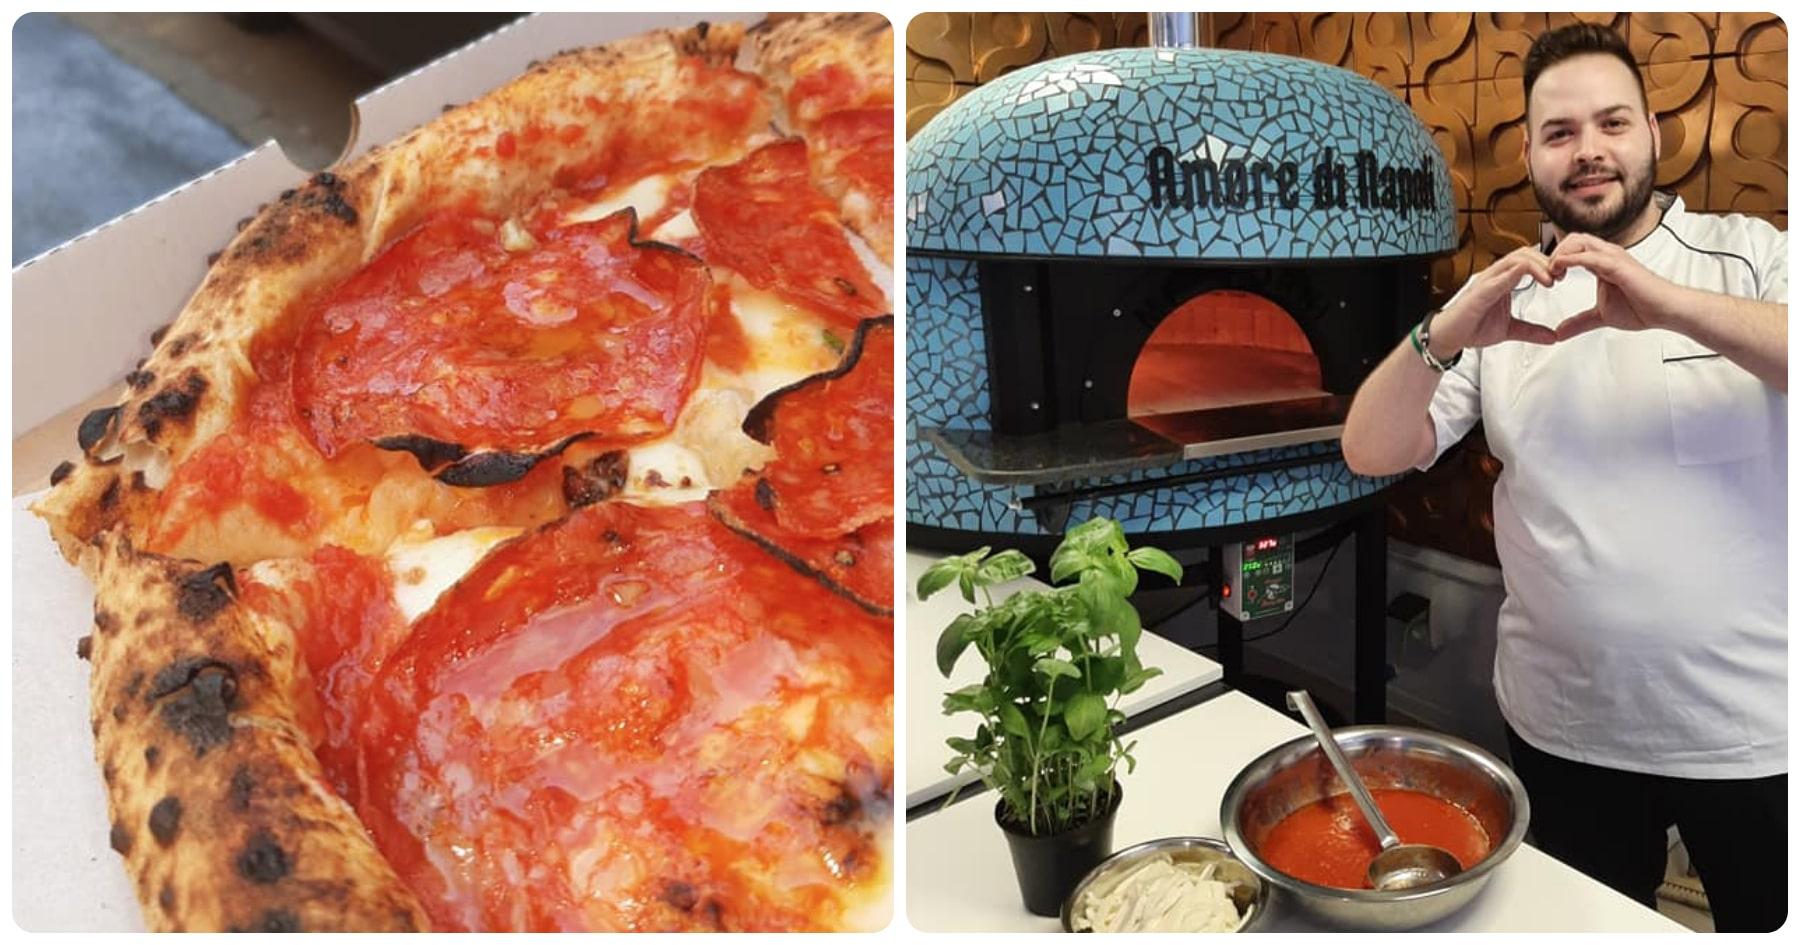 Nápolyi pizza remeklés Újbudán: az Amore di Napoli kemencéje tíz napja izzik – és ez csak a kezdet - Dining Guide